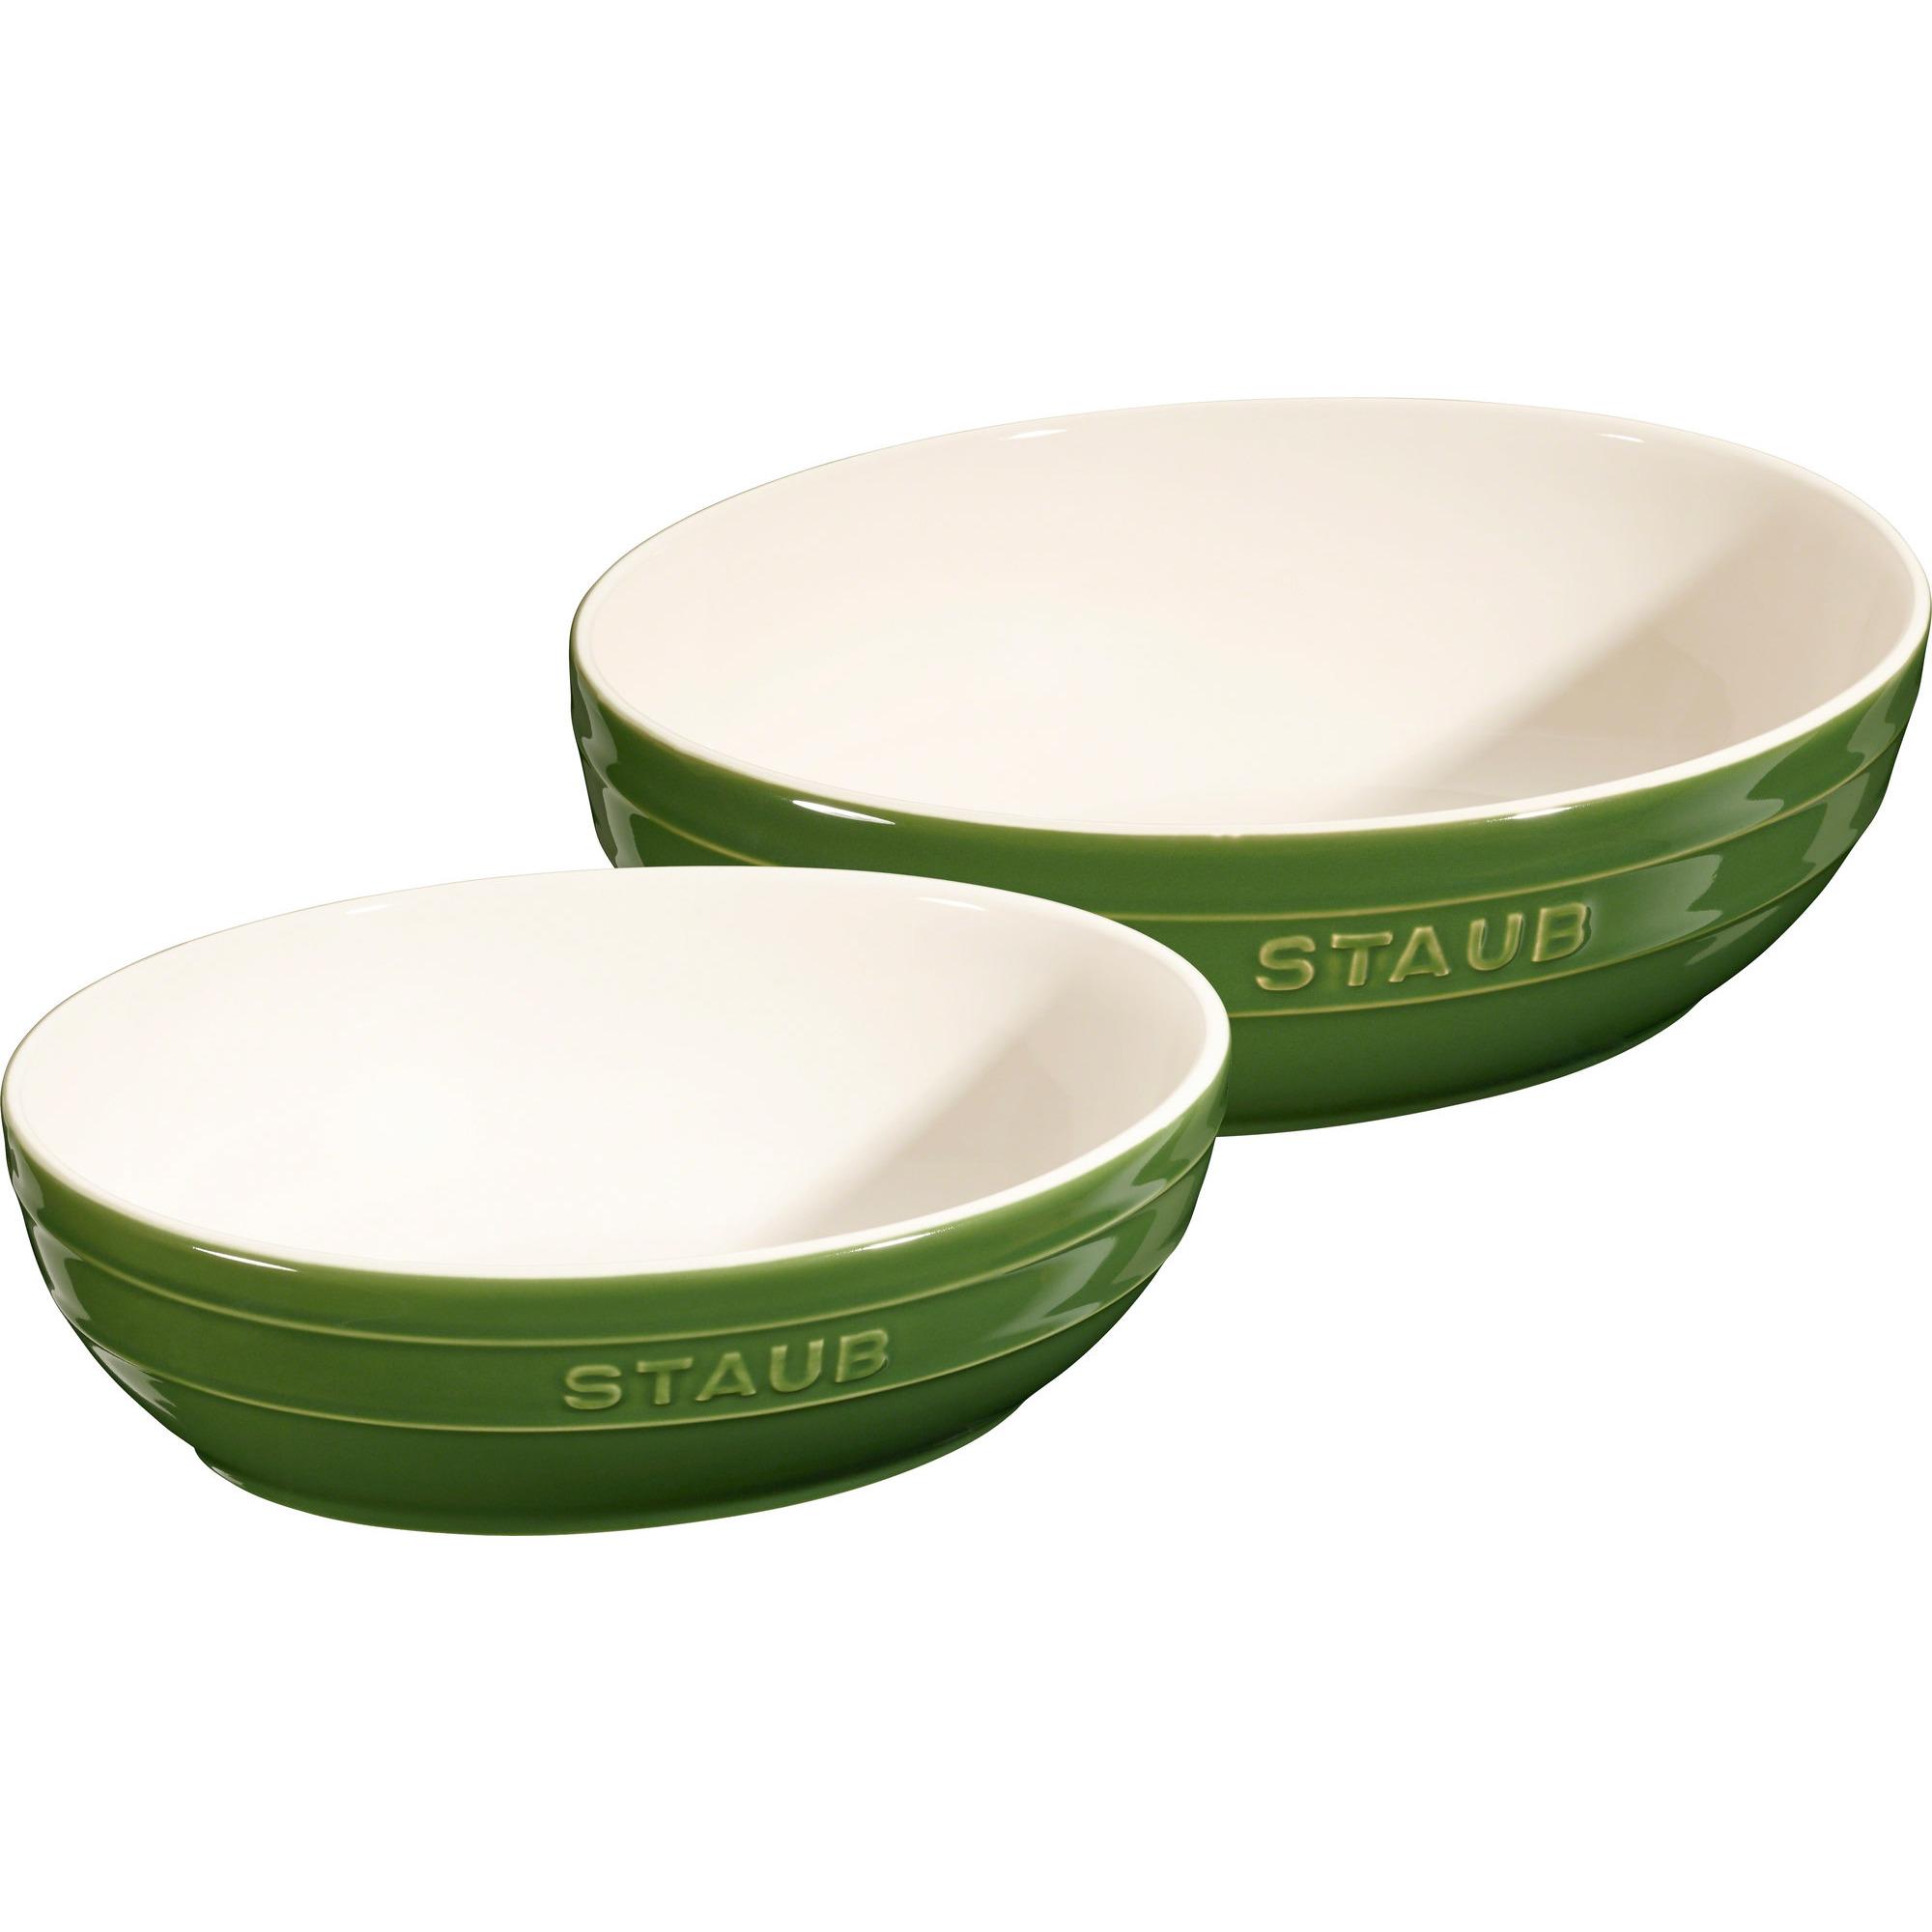 Staub Skålset Oval 23 & 27 cm Grön